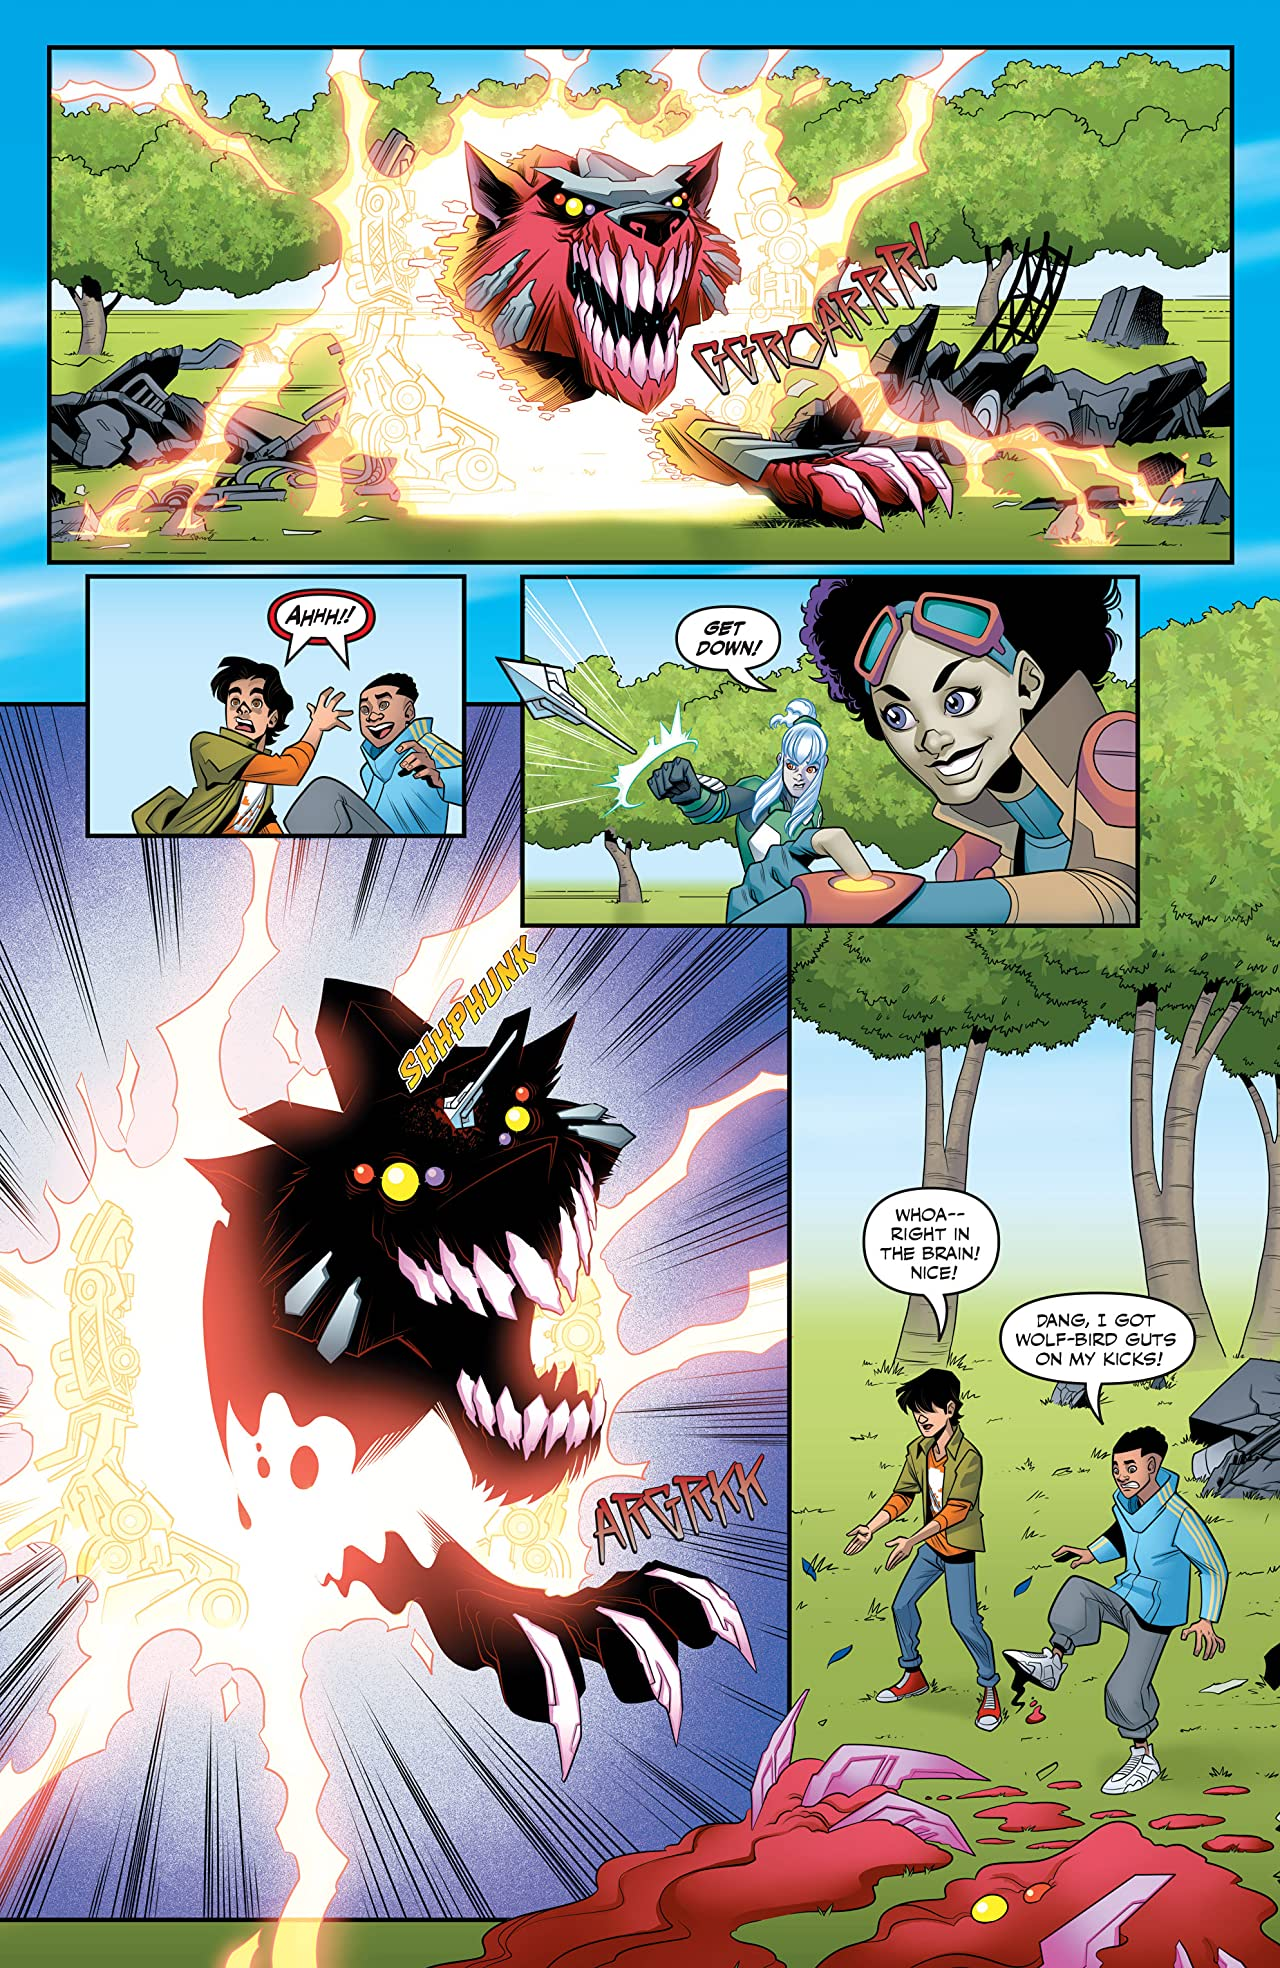 PortalBound Vol. 1 #3